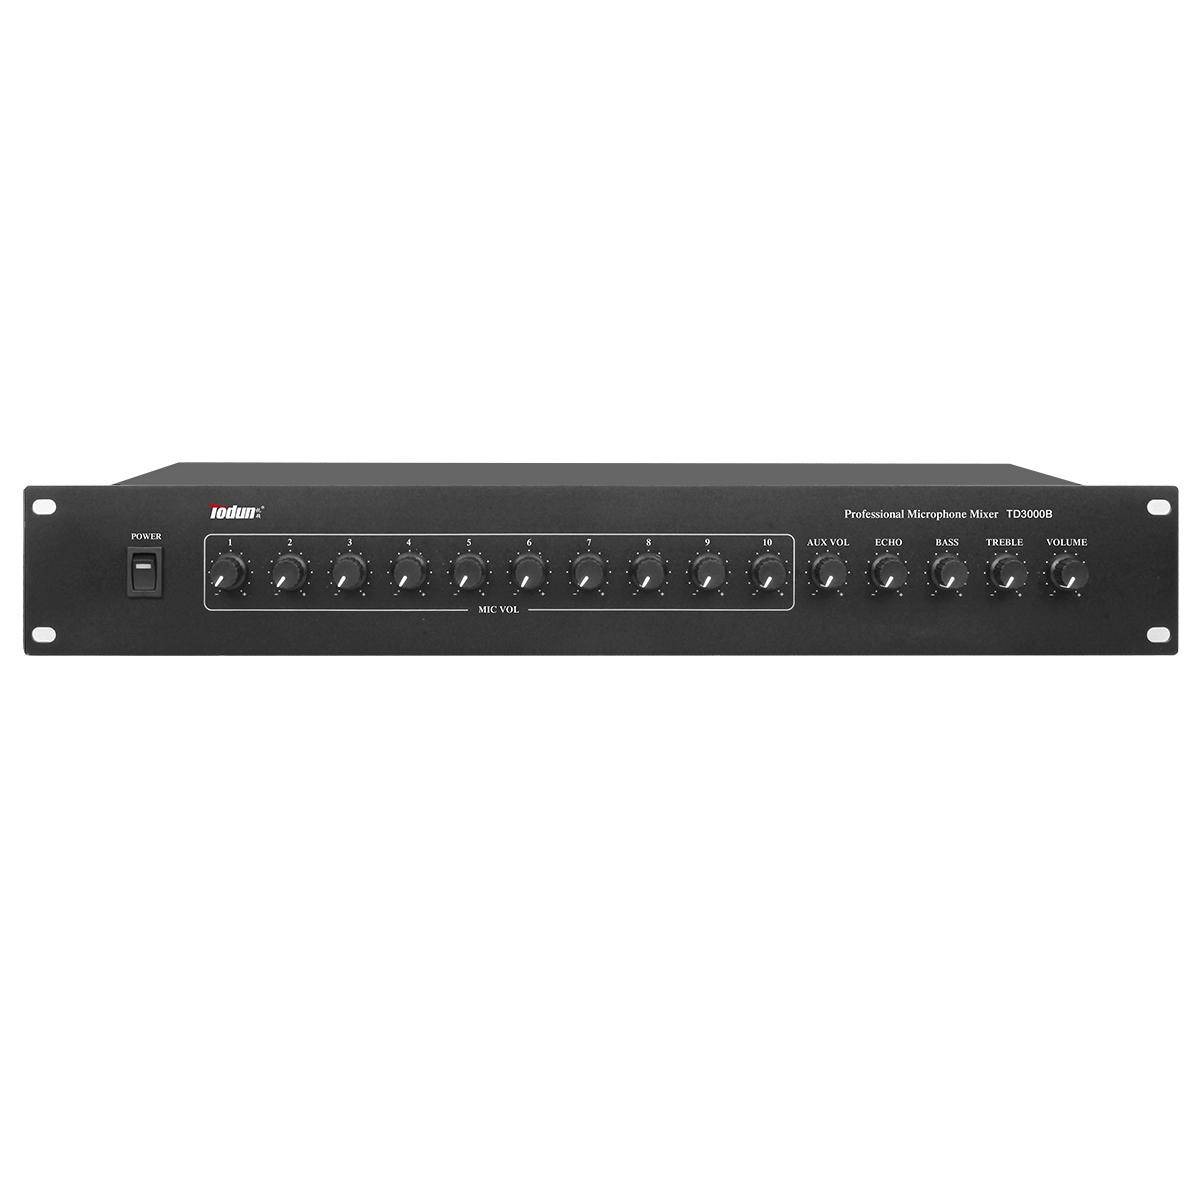 托顿TD3000B 扩声音响周边设备 10路集线器